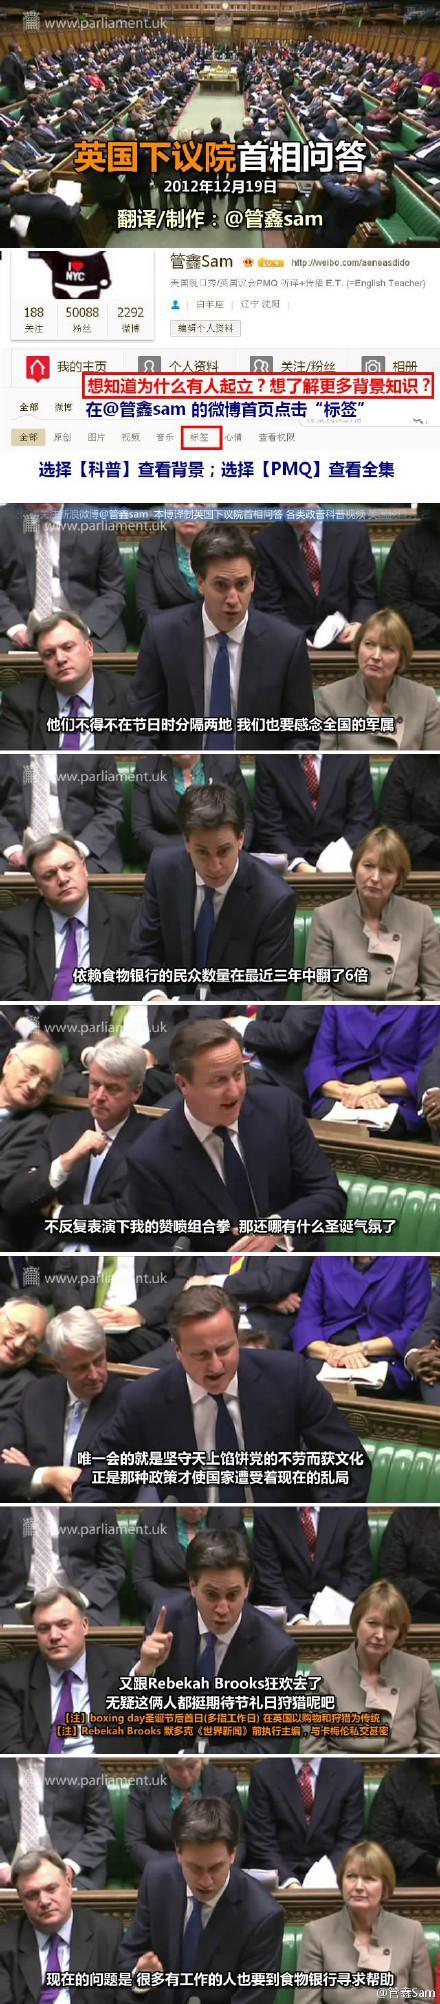 英国下议院首相问答 2012.12.19【英国议会德云社2012圣诞专场封箱演出】